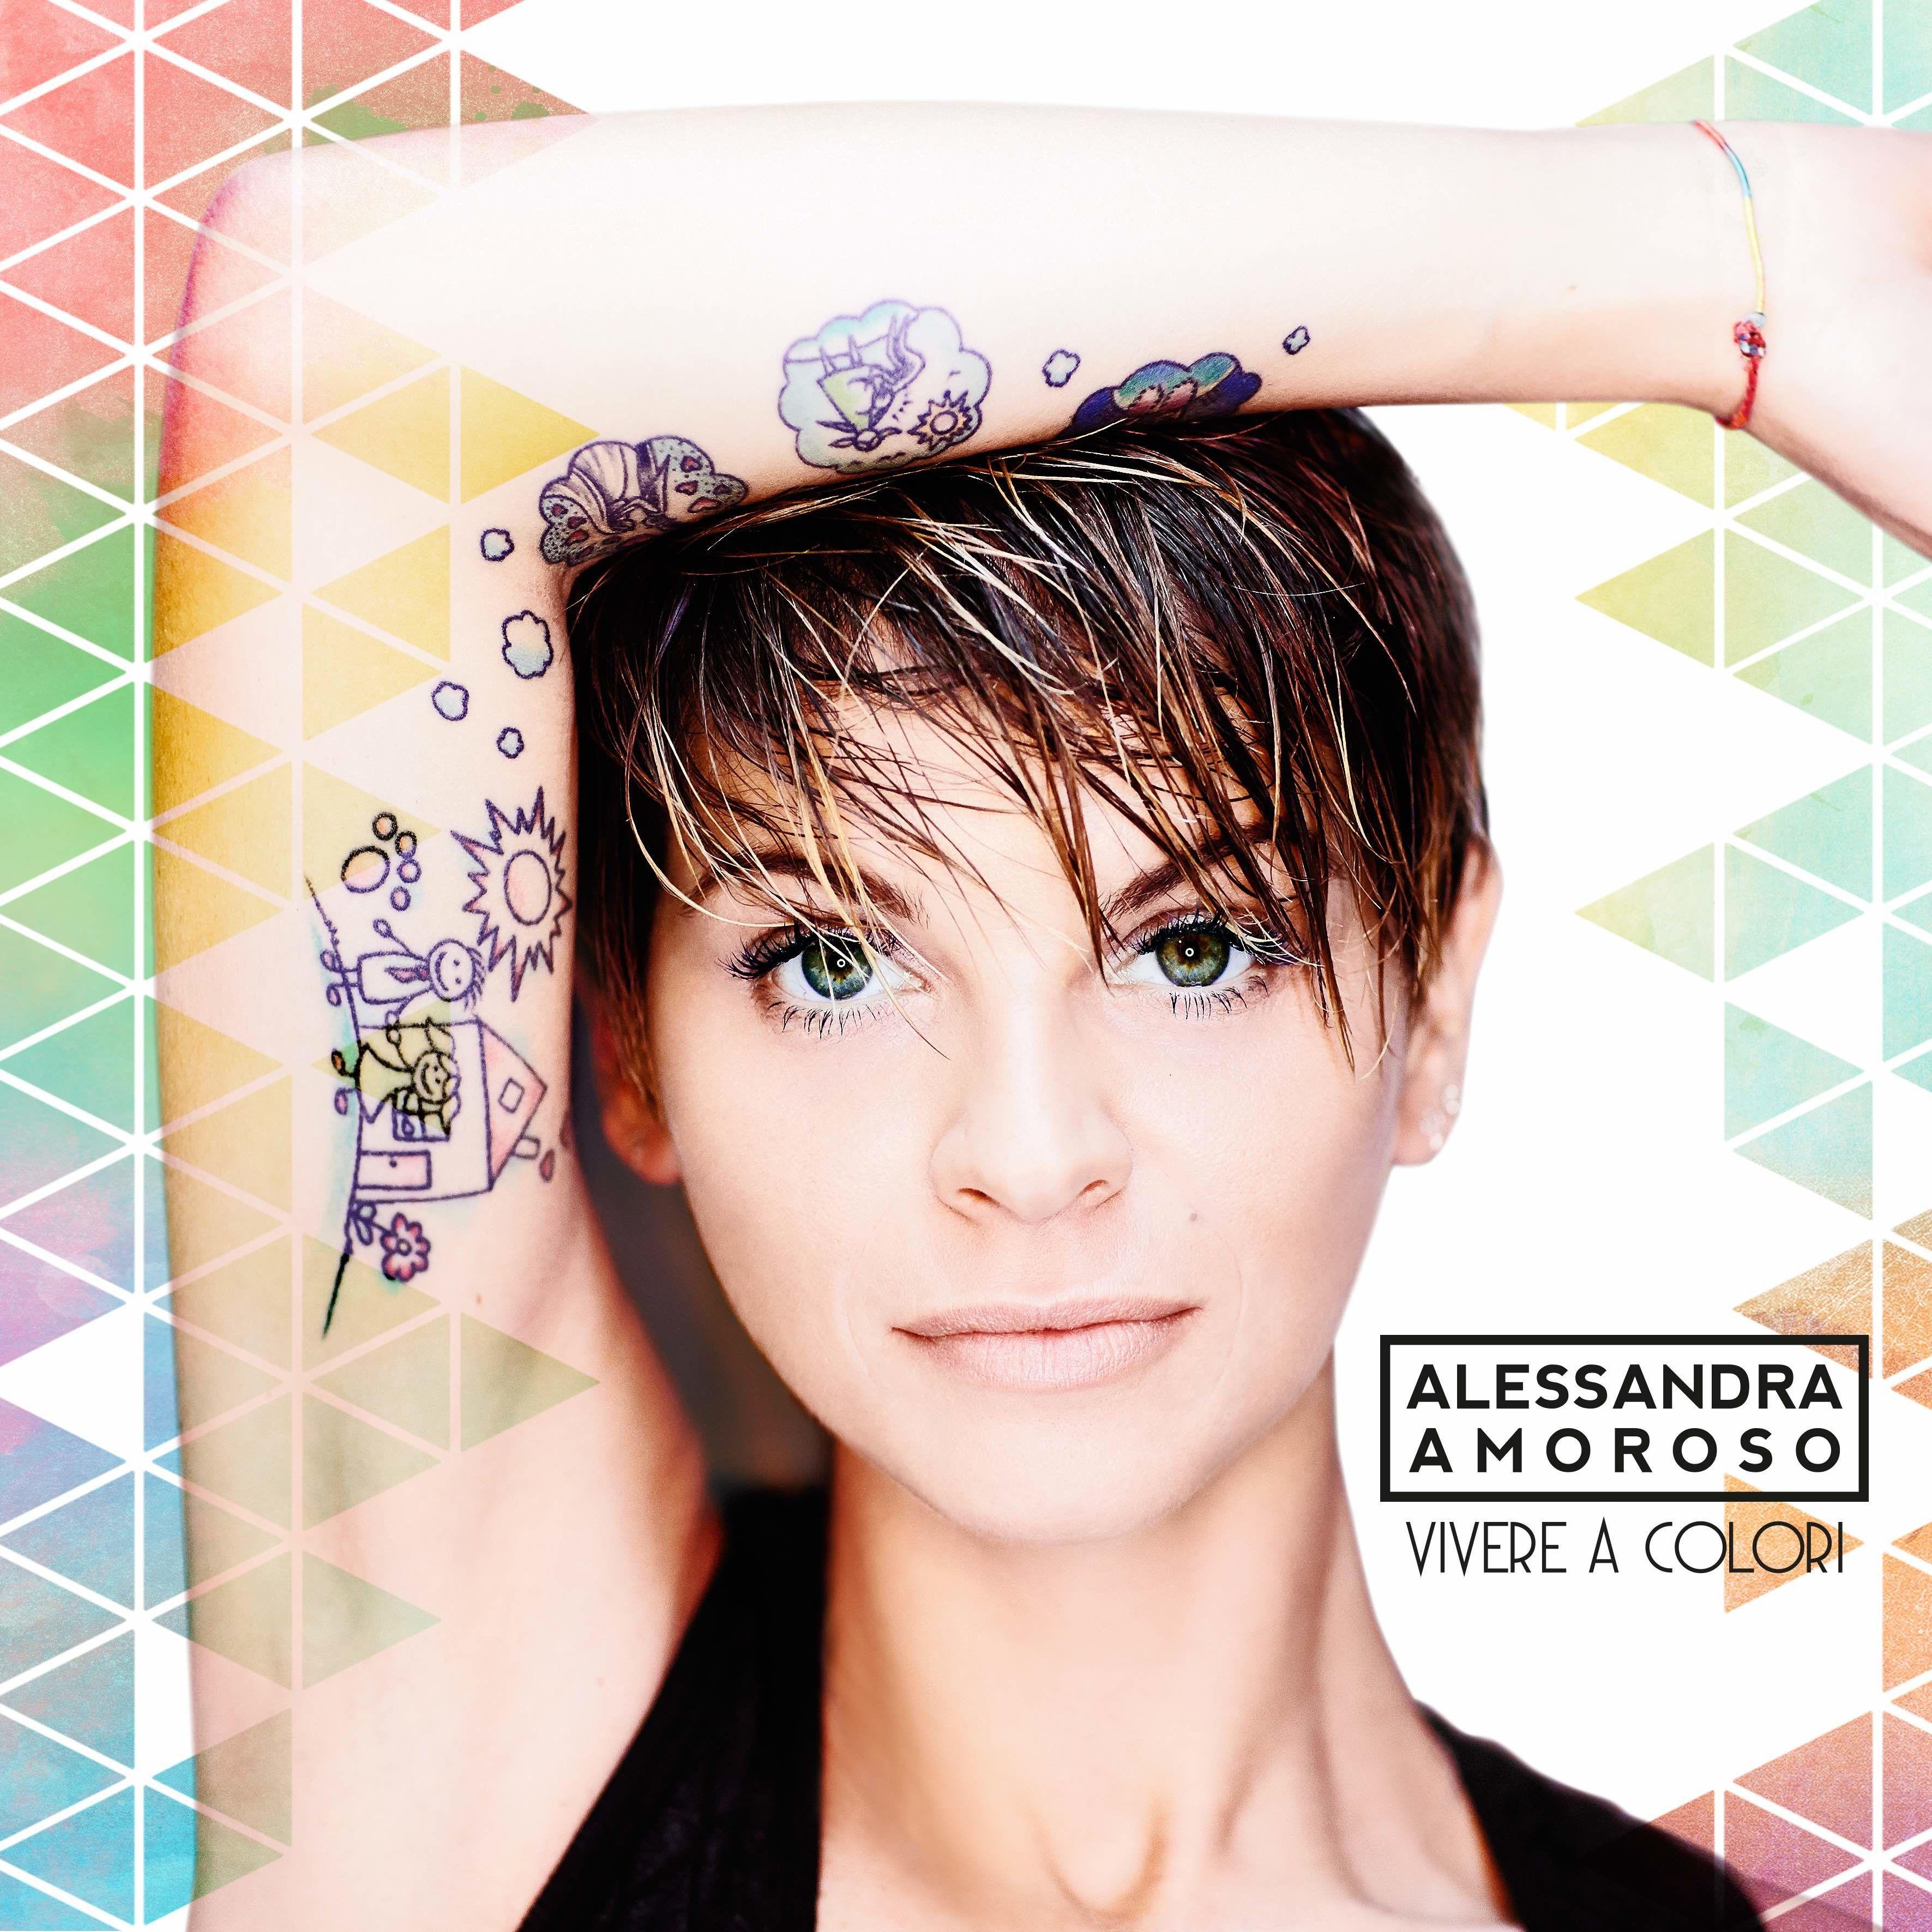 Alessandra Amoroso - Vivere A Colori album cover